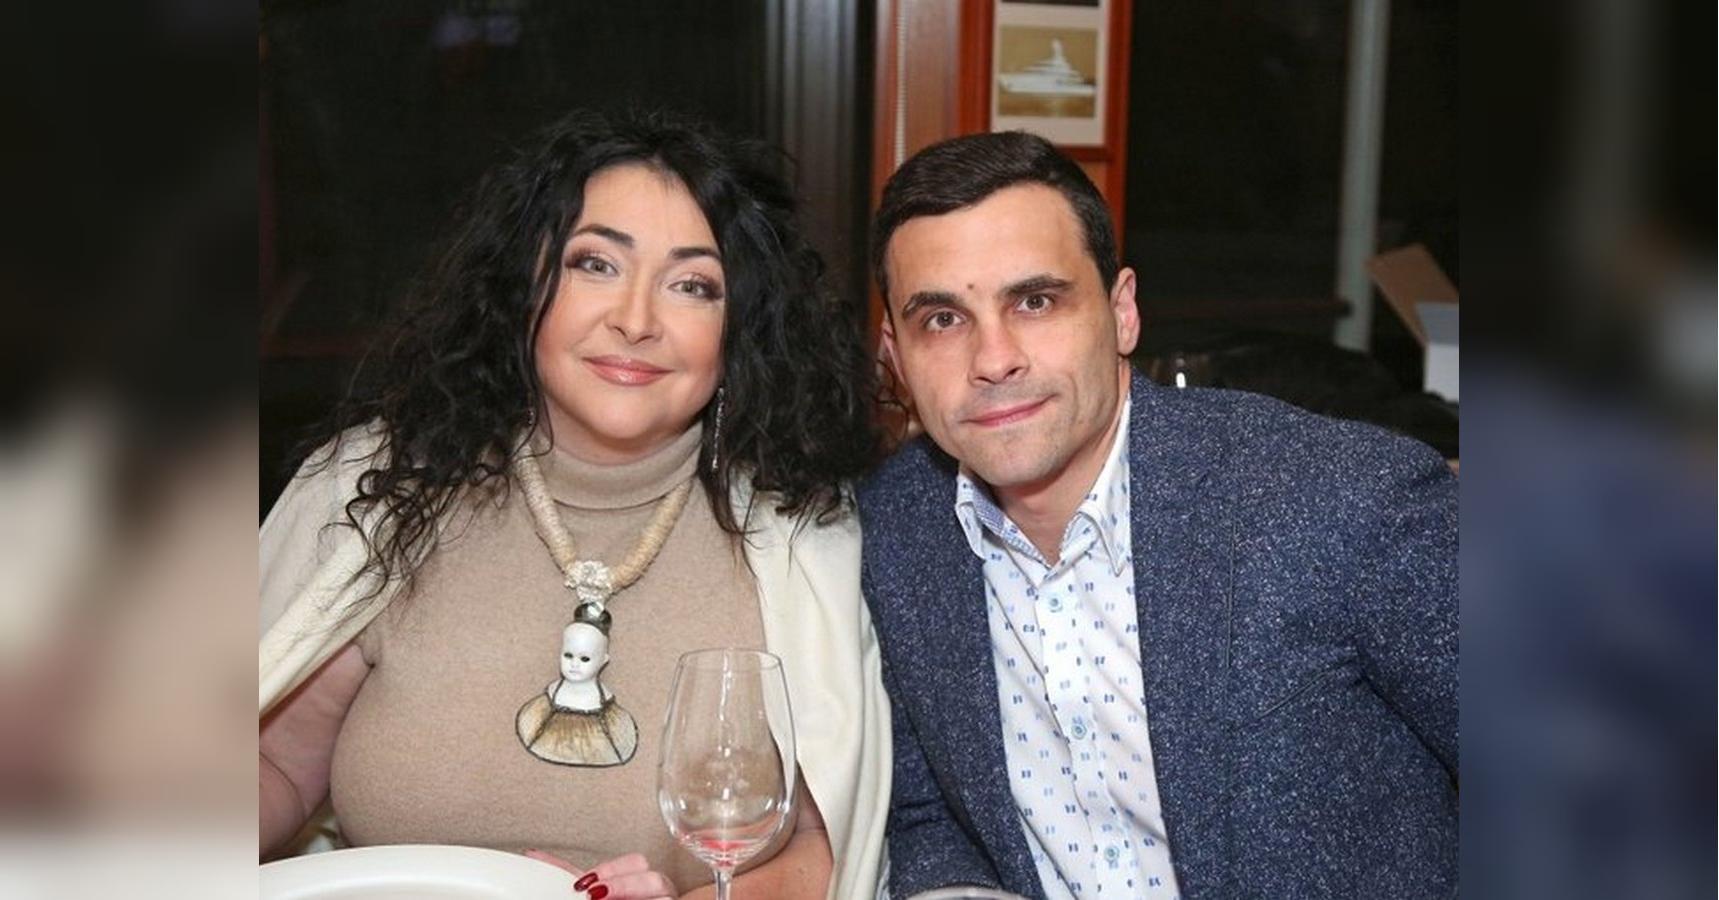 Лолита Милявская хочет, чтобы ее последний брак признали фиктивным